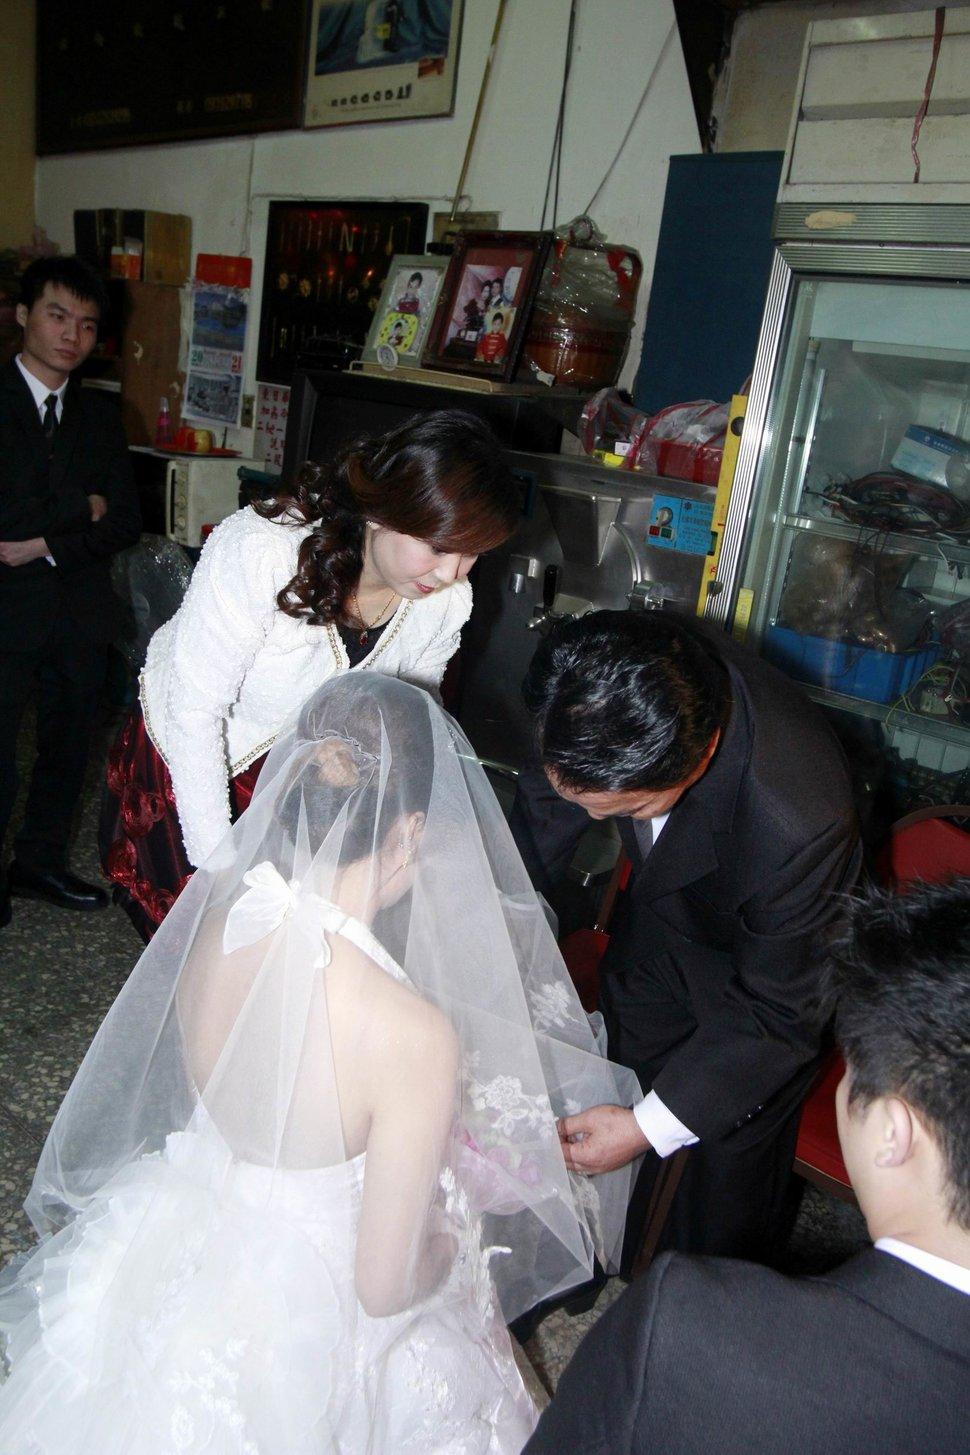 蜜月婚攝新莊美食喜相逢餐廳會館結婚迎娶儀式晚宴婚禮記錄動態微電影錄影專業錄影平面攝影婚攝婚禮主持人(編號:270489) - 蜜月拍照10800錄影12800攝影團隊 - 結婚吧